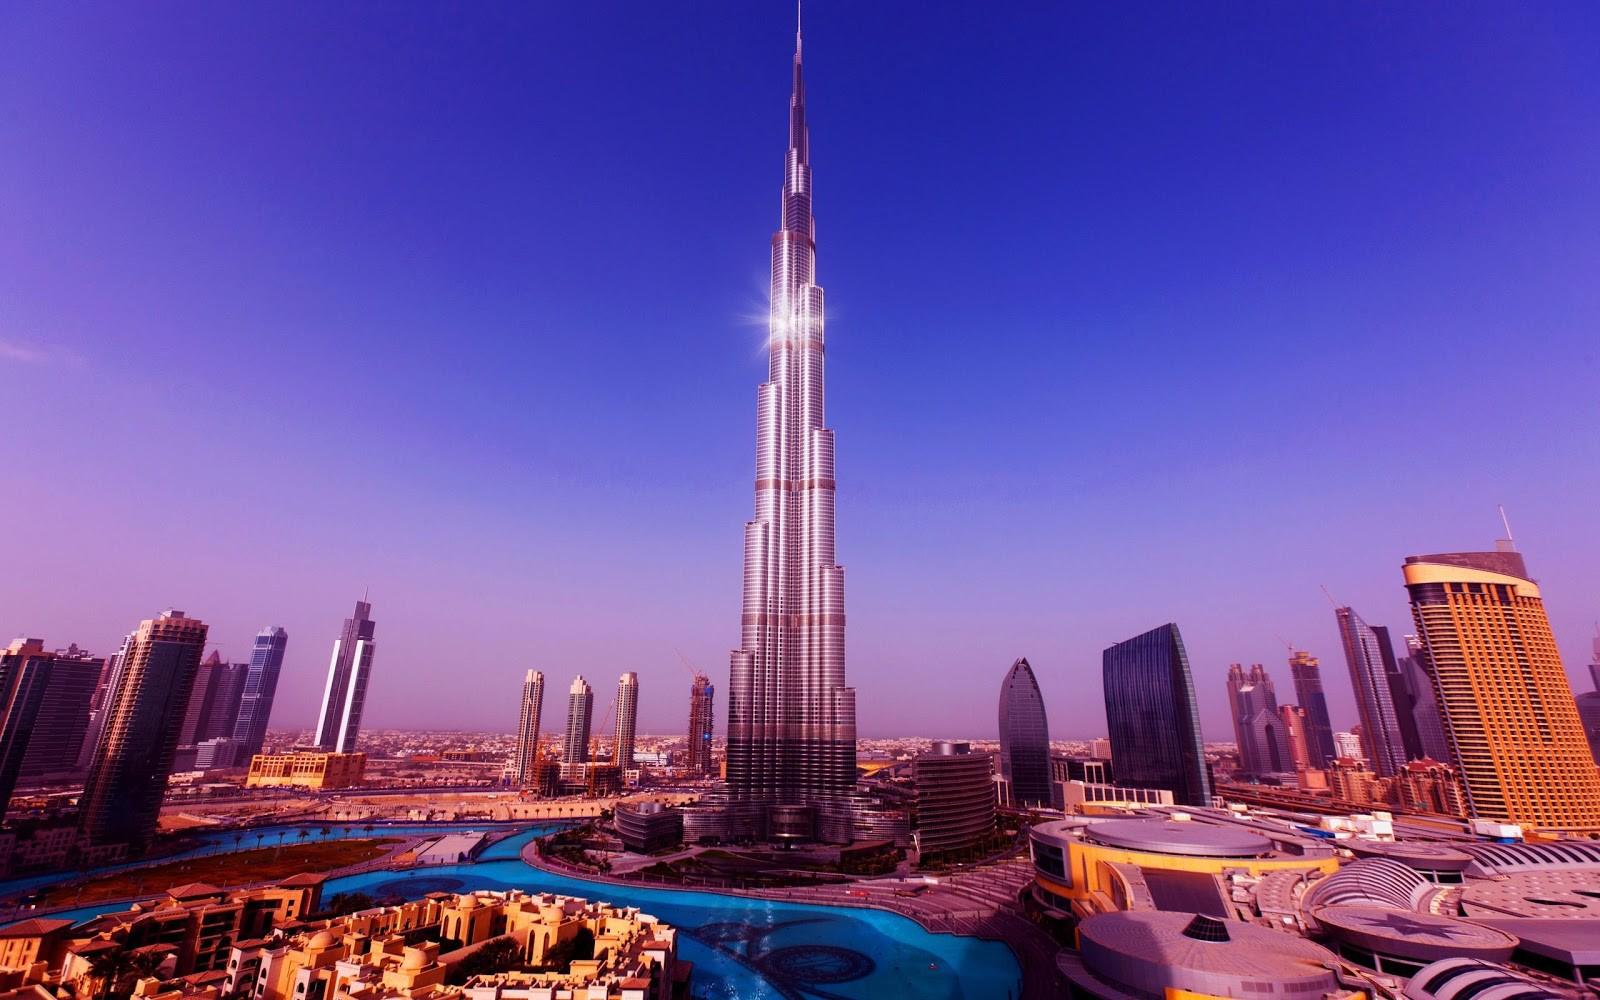 Tòa nhà chọc trời ĐÀI BẮC 101